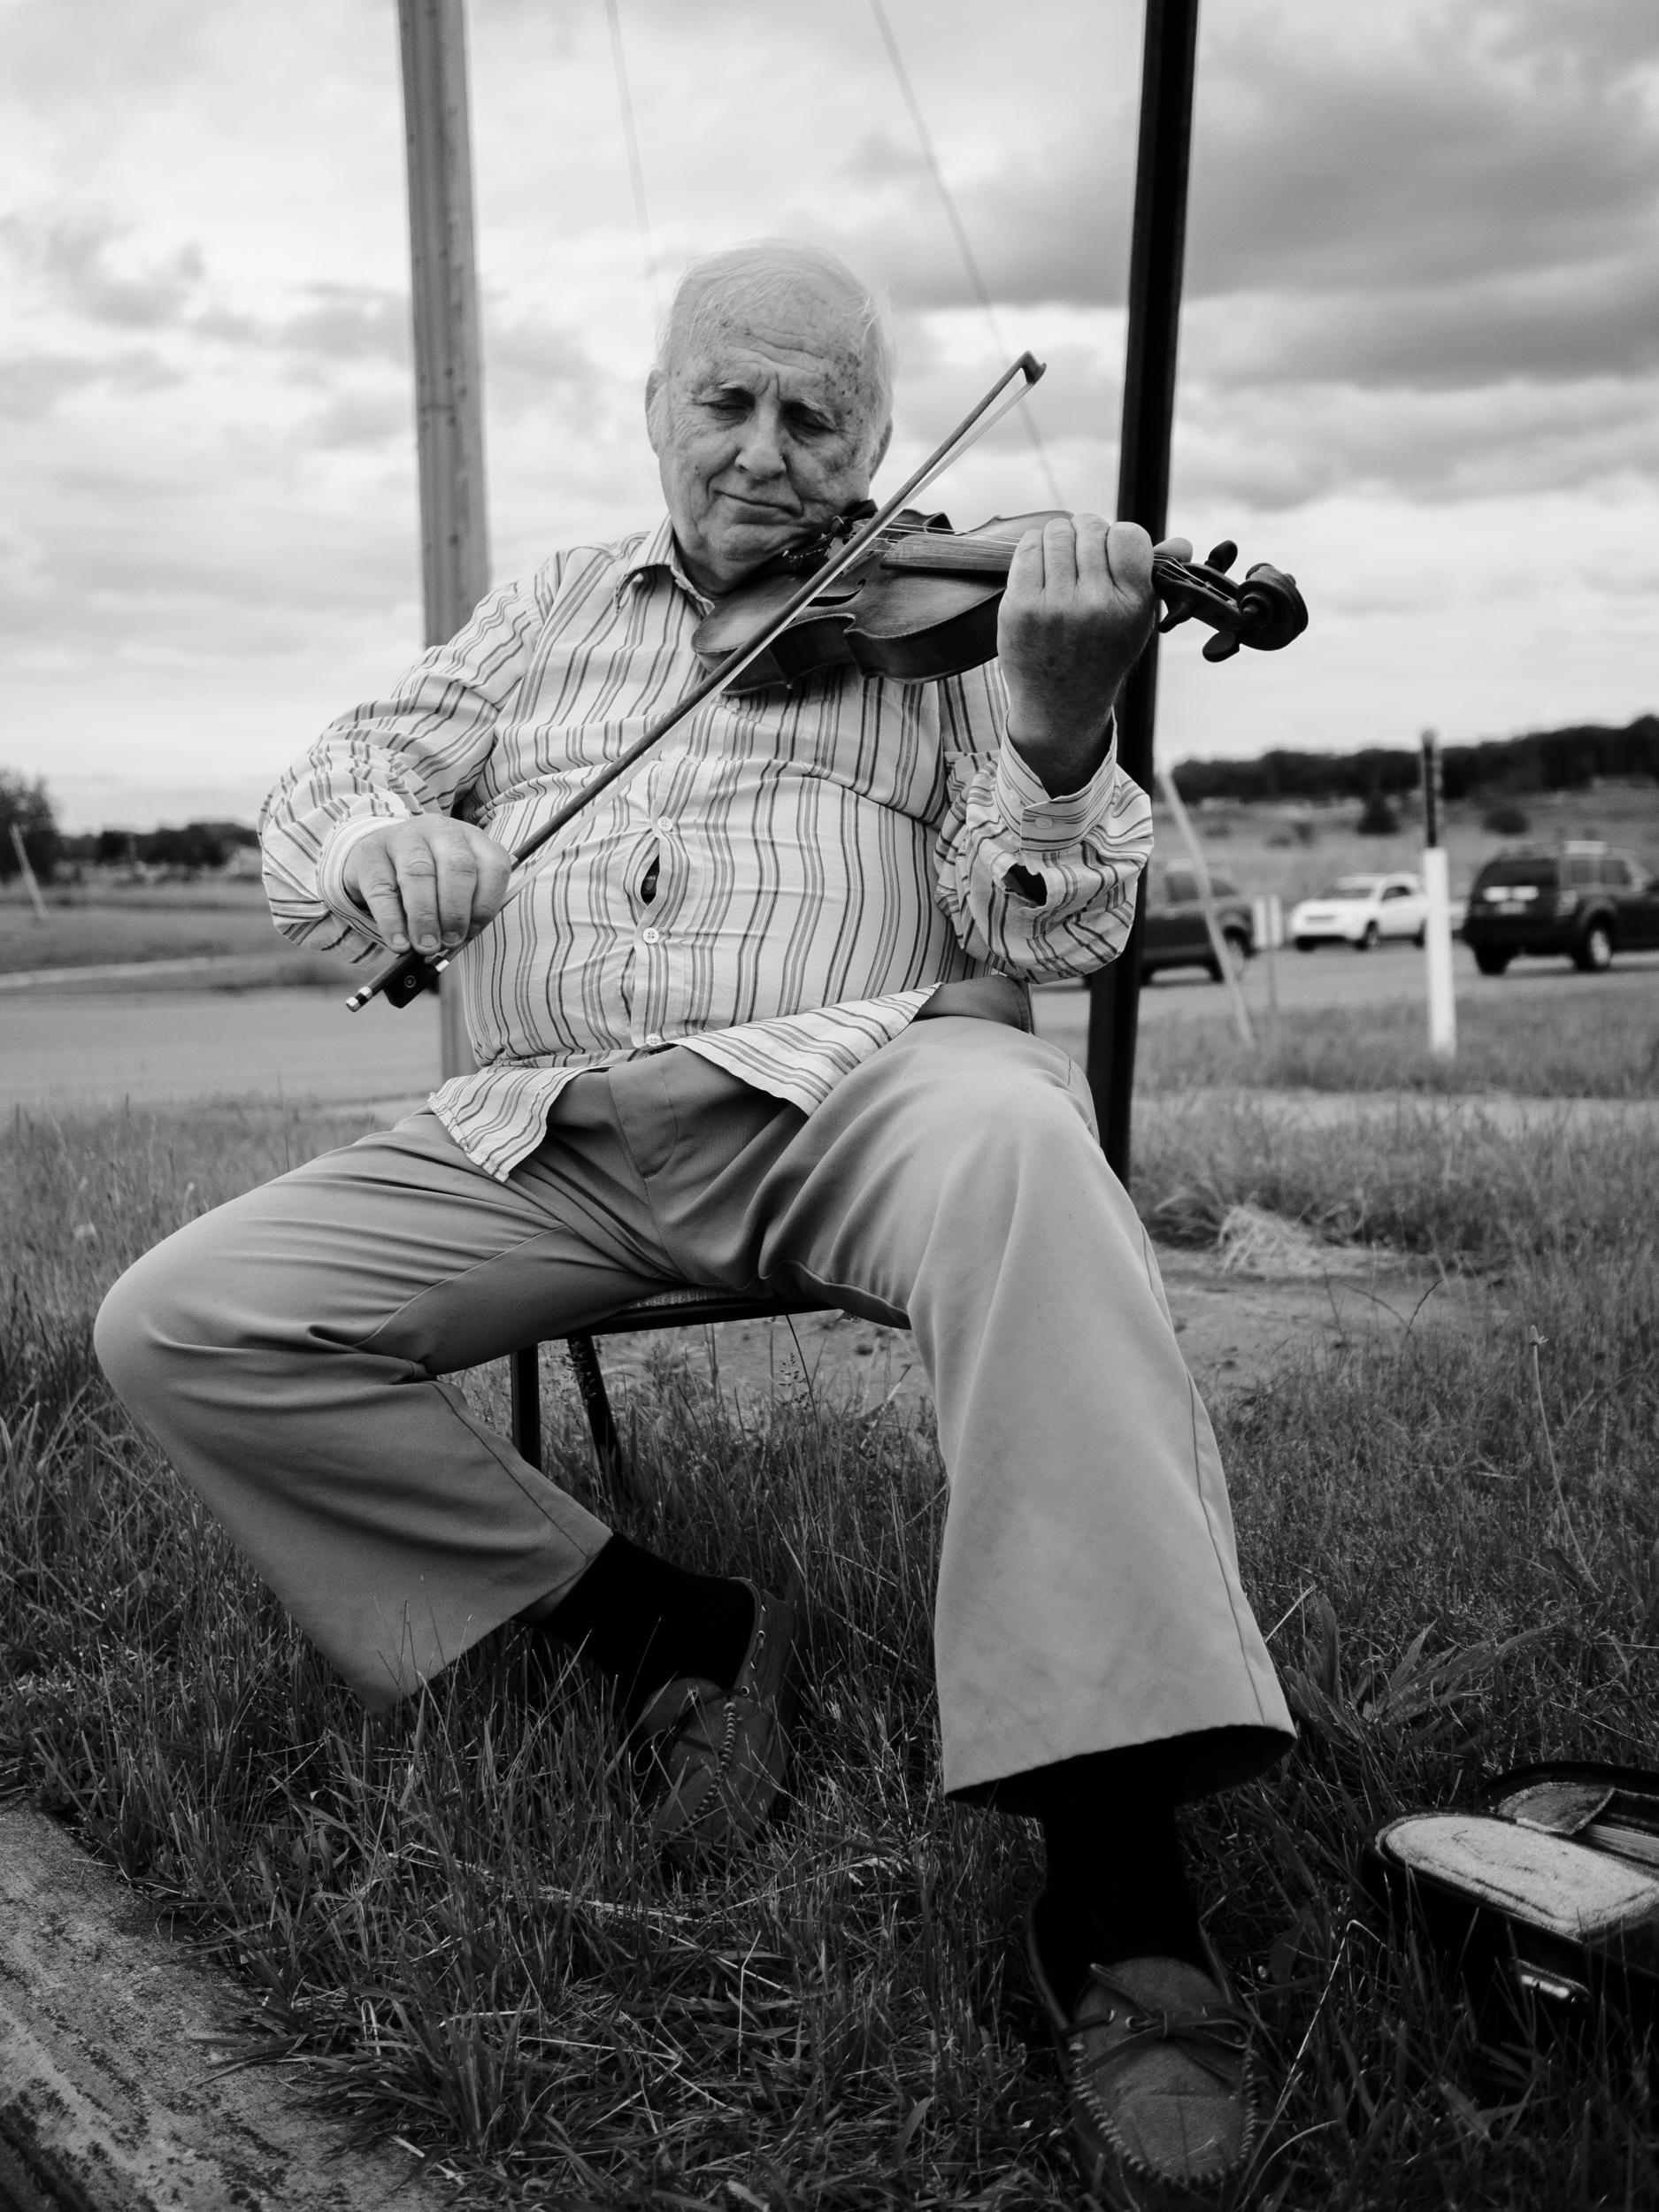 17-05-26_Violin_Player_5268156.JPG